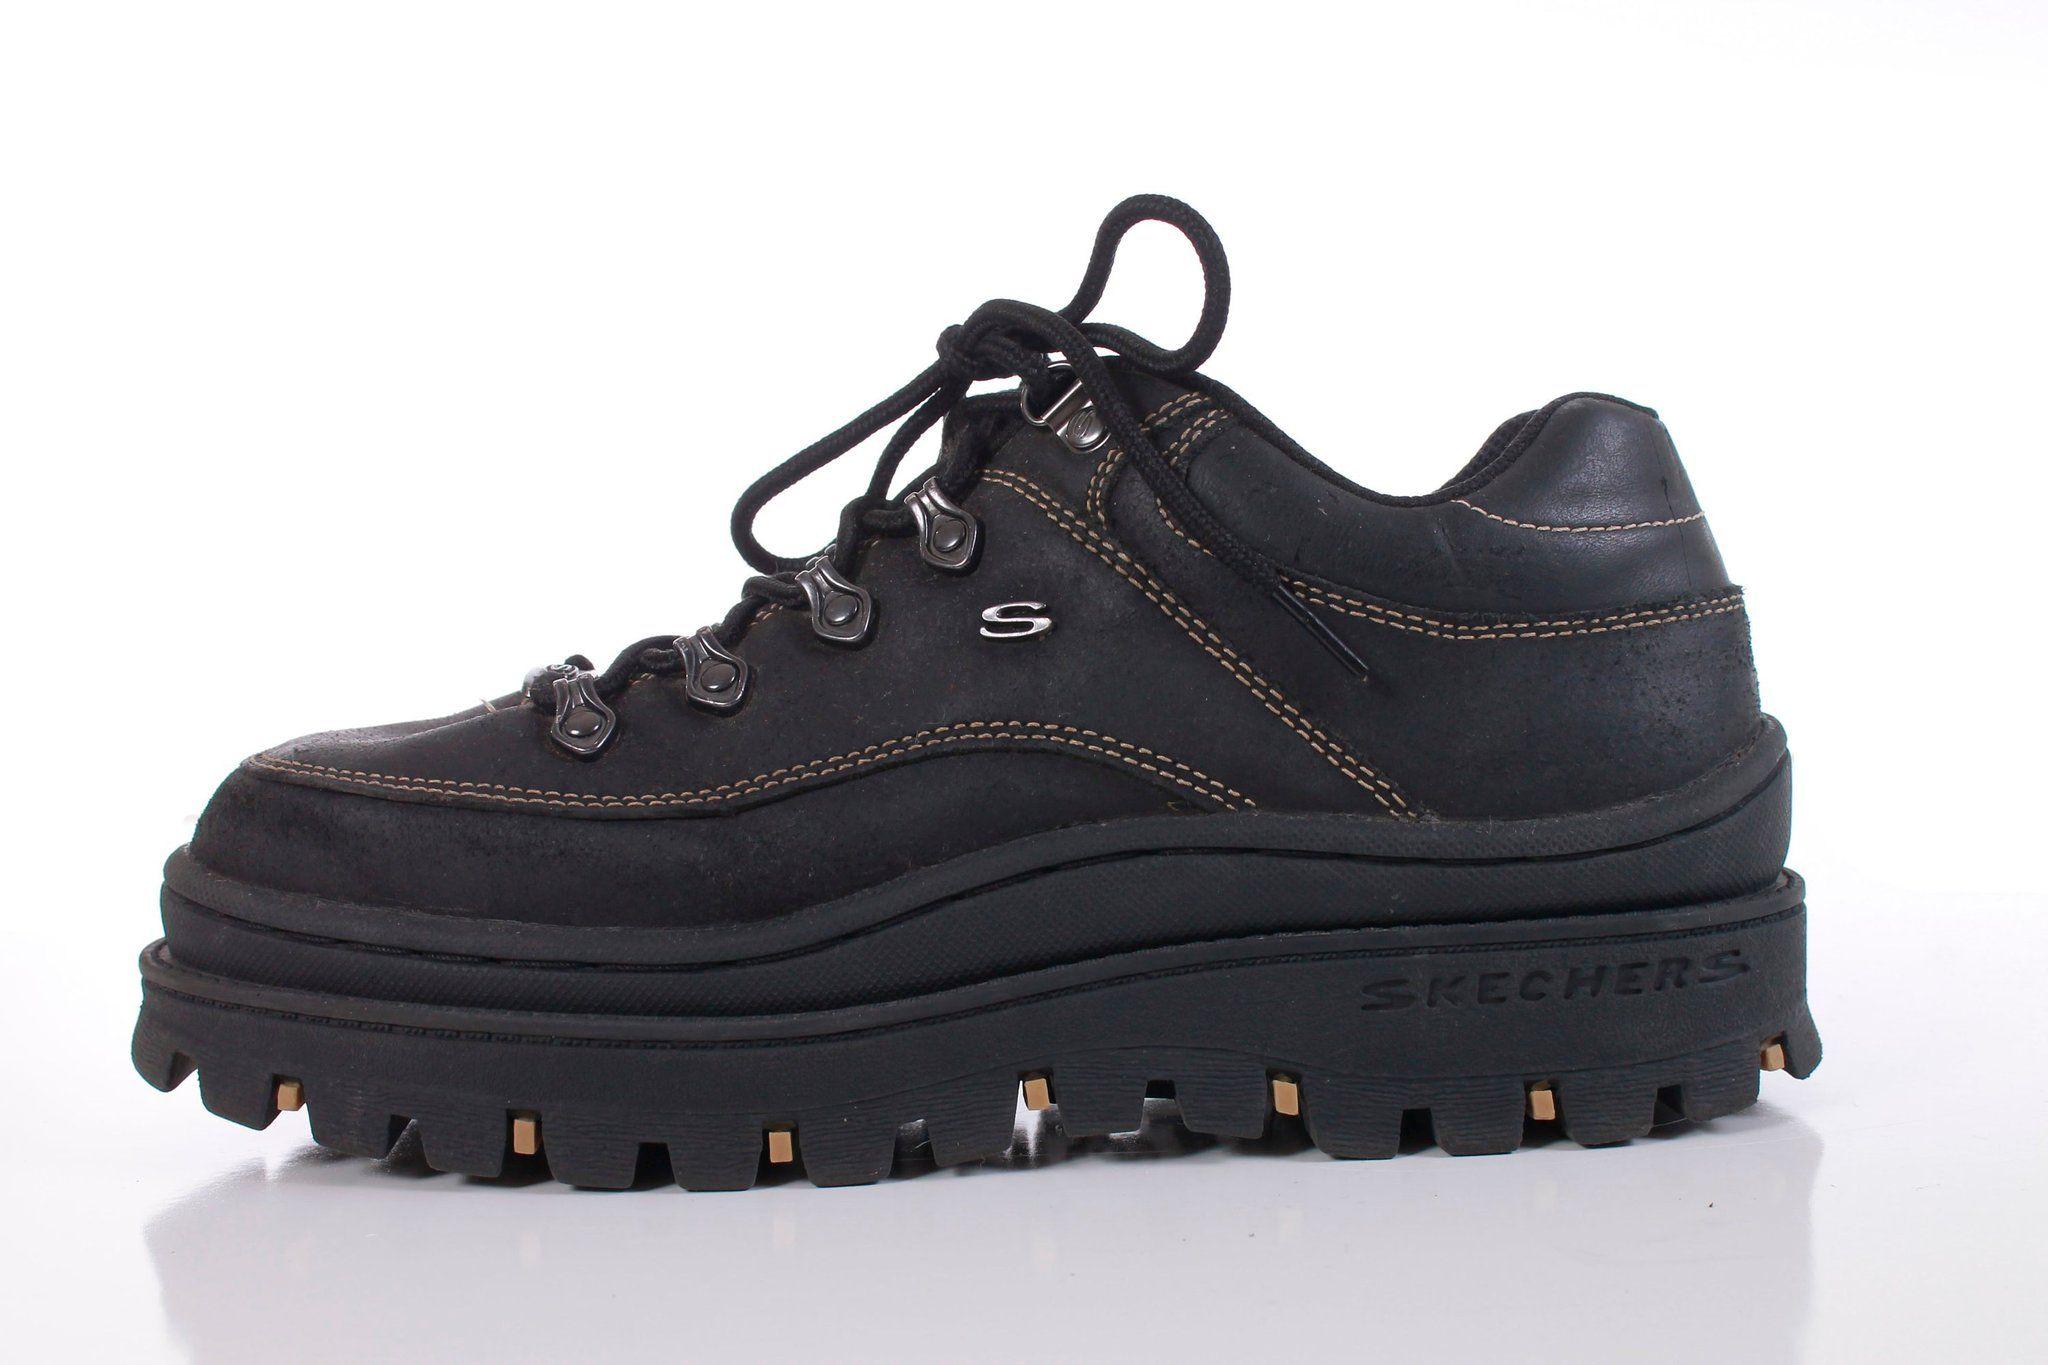 90 S Platform Skechers Jammers Boots Women S Size 9 5 Kco